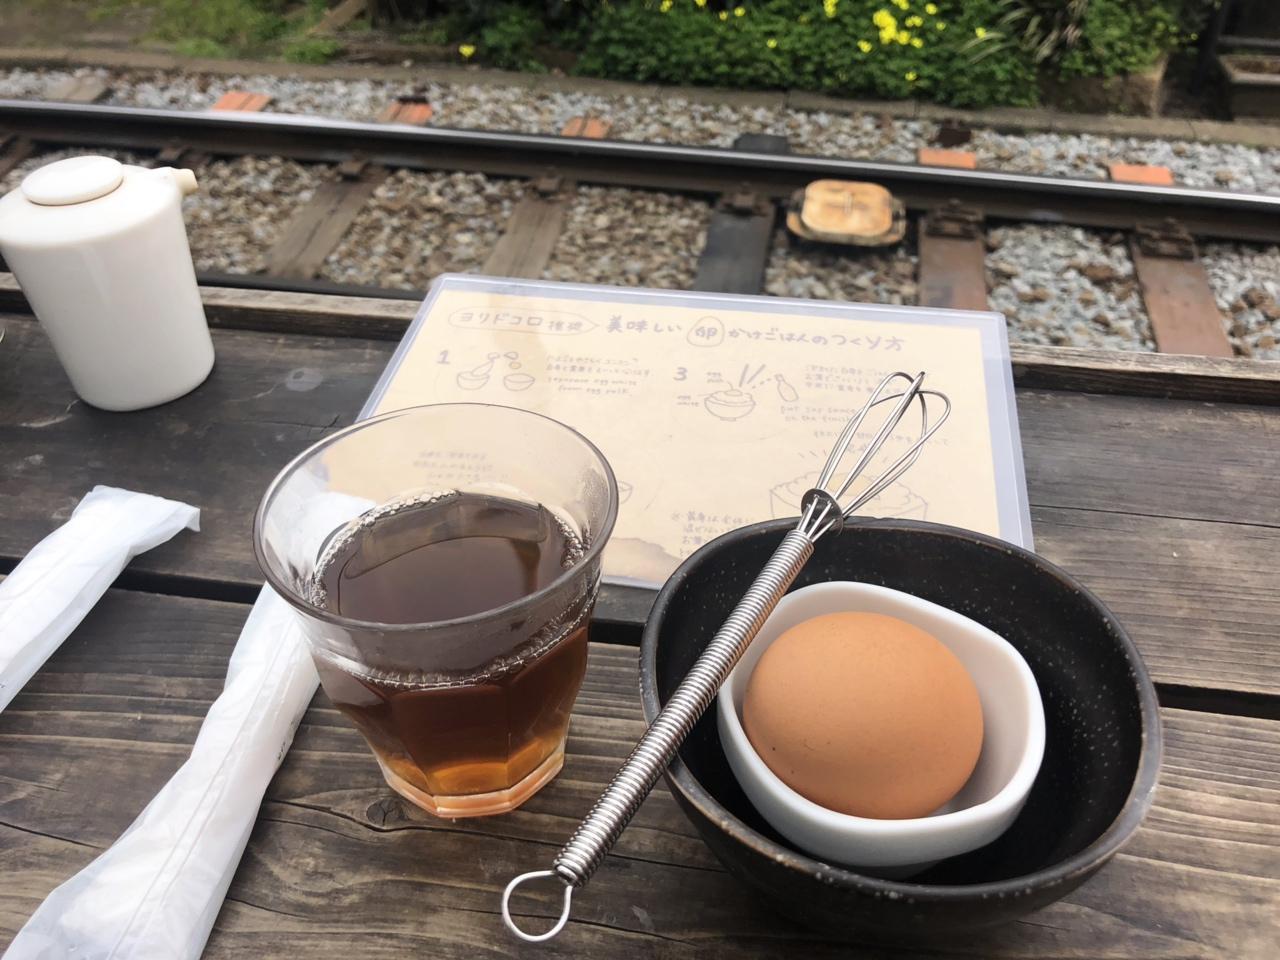 【鎌倉ランチ】江ノ電を目の前にいただく『ヨリドコロ』の干物定食_3